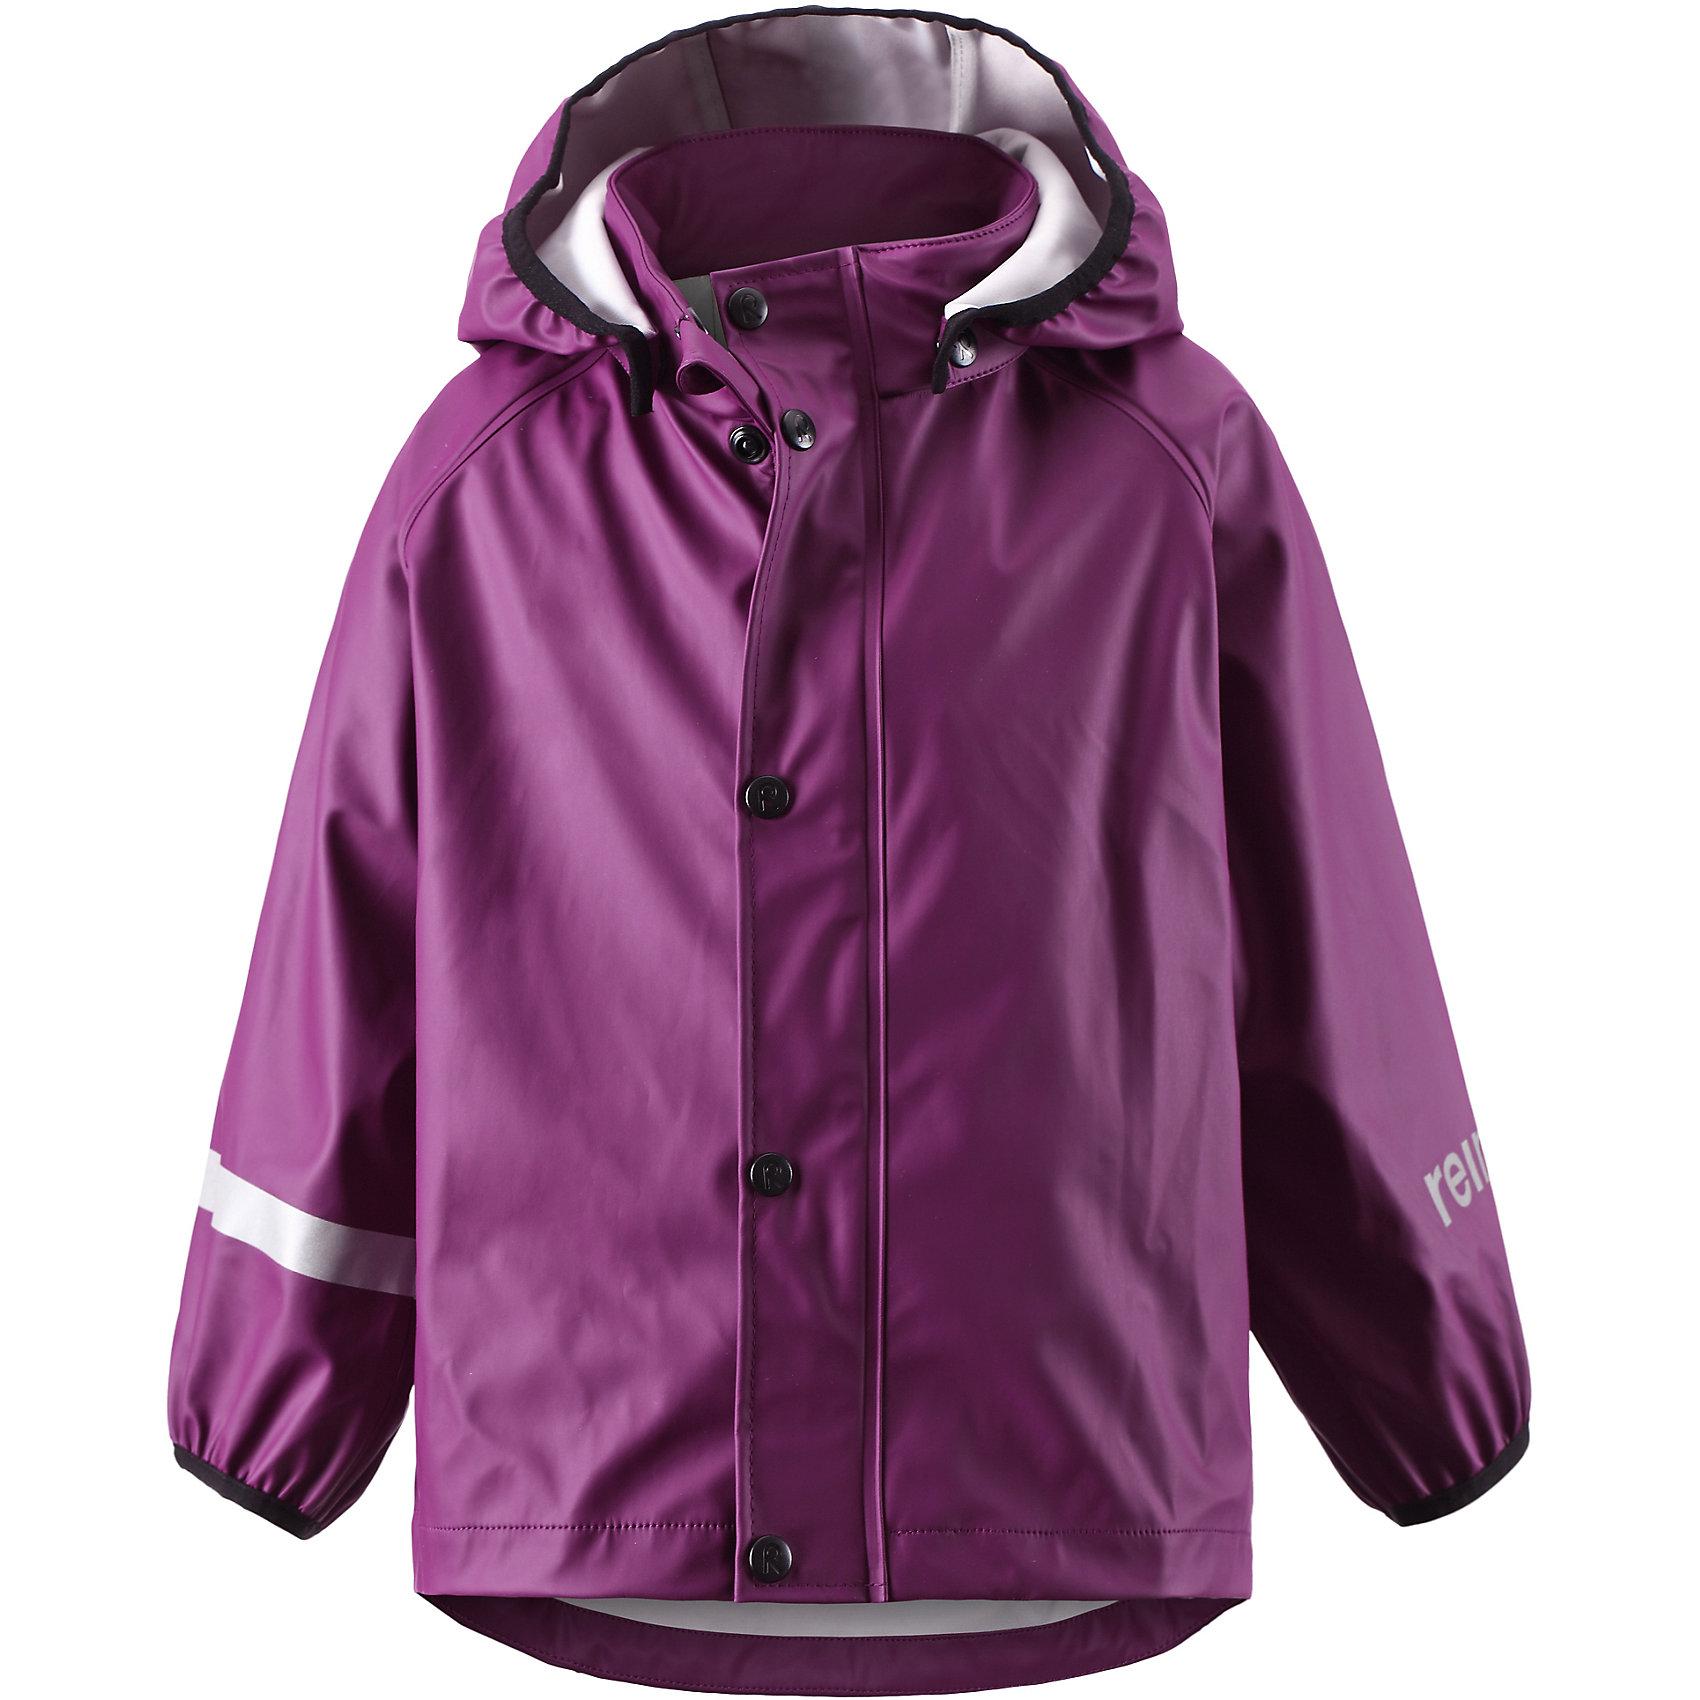 Плащ-дождевик Lampi для девочки ReimaПлащ-дождевик  Reima<br>Куртка-дождевик для детей. Запаянные швы, не пропускающие влагу. Эластичный материал. Без ПХВ. Безопасный, съемный капюшон. Эластичная резинка на кромке капюшона. Эластичные манжеты. Молния спереди. Безопасные светоотражающие детали. <br>Уход:<br>Стирать по отдельности, вывернув наизнанку. Застегнуть молнии и липучки. Стирать моющим средством, не содержащим отбеливающие вещества. Полоскать без специального средства. Во избежание изменения цвета изделие необходимо вынуть из стиральной машинки незамедлительно после окончания программы стирки. Сушить при низкой температуре.<br>Состав:<br>100% Полиамид, полиуретановое покрытие<br><br>Ширина мм: 356<br>Глубина мм: 10<br>Высота мм: 245<br>Вес г: 519<br>Цвет: фиолетовый<br>Возраст от месяцев: 108<br>Возраст до месяцев: 120<br>Пол: Женский<br>Возраст: Детский<br>Размер: 140,92,116,110,128,122,104,86,134,98<br>SKU: 4776382